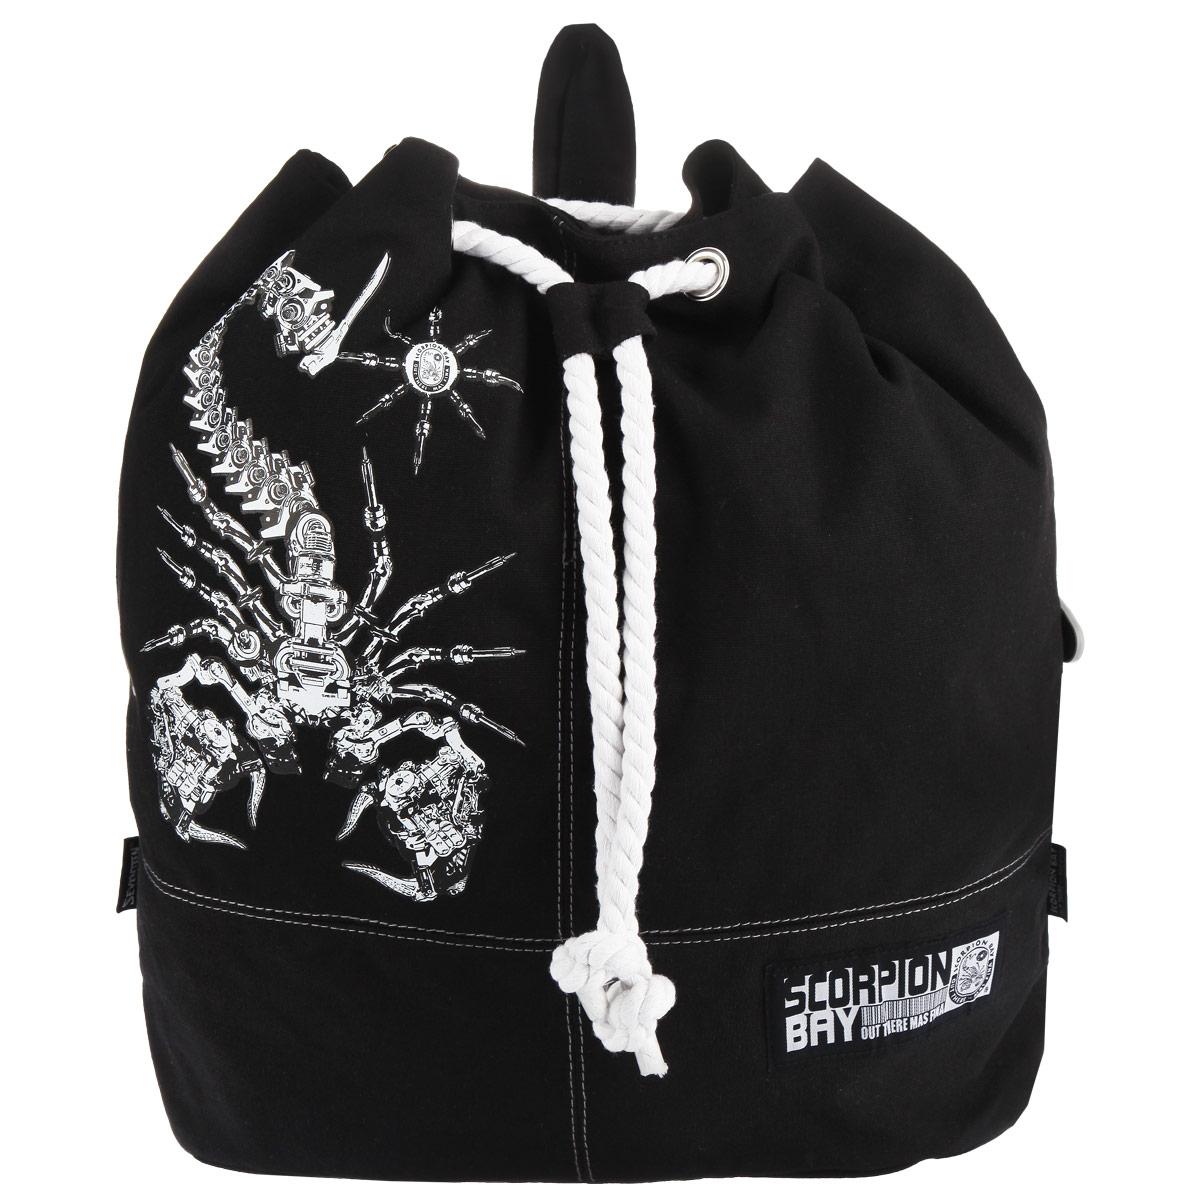 цена на Рюкзак-мешок Scorpion Bay, цвет: черный. SCCB-UT1-721